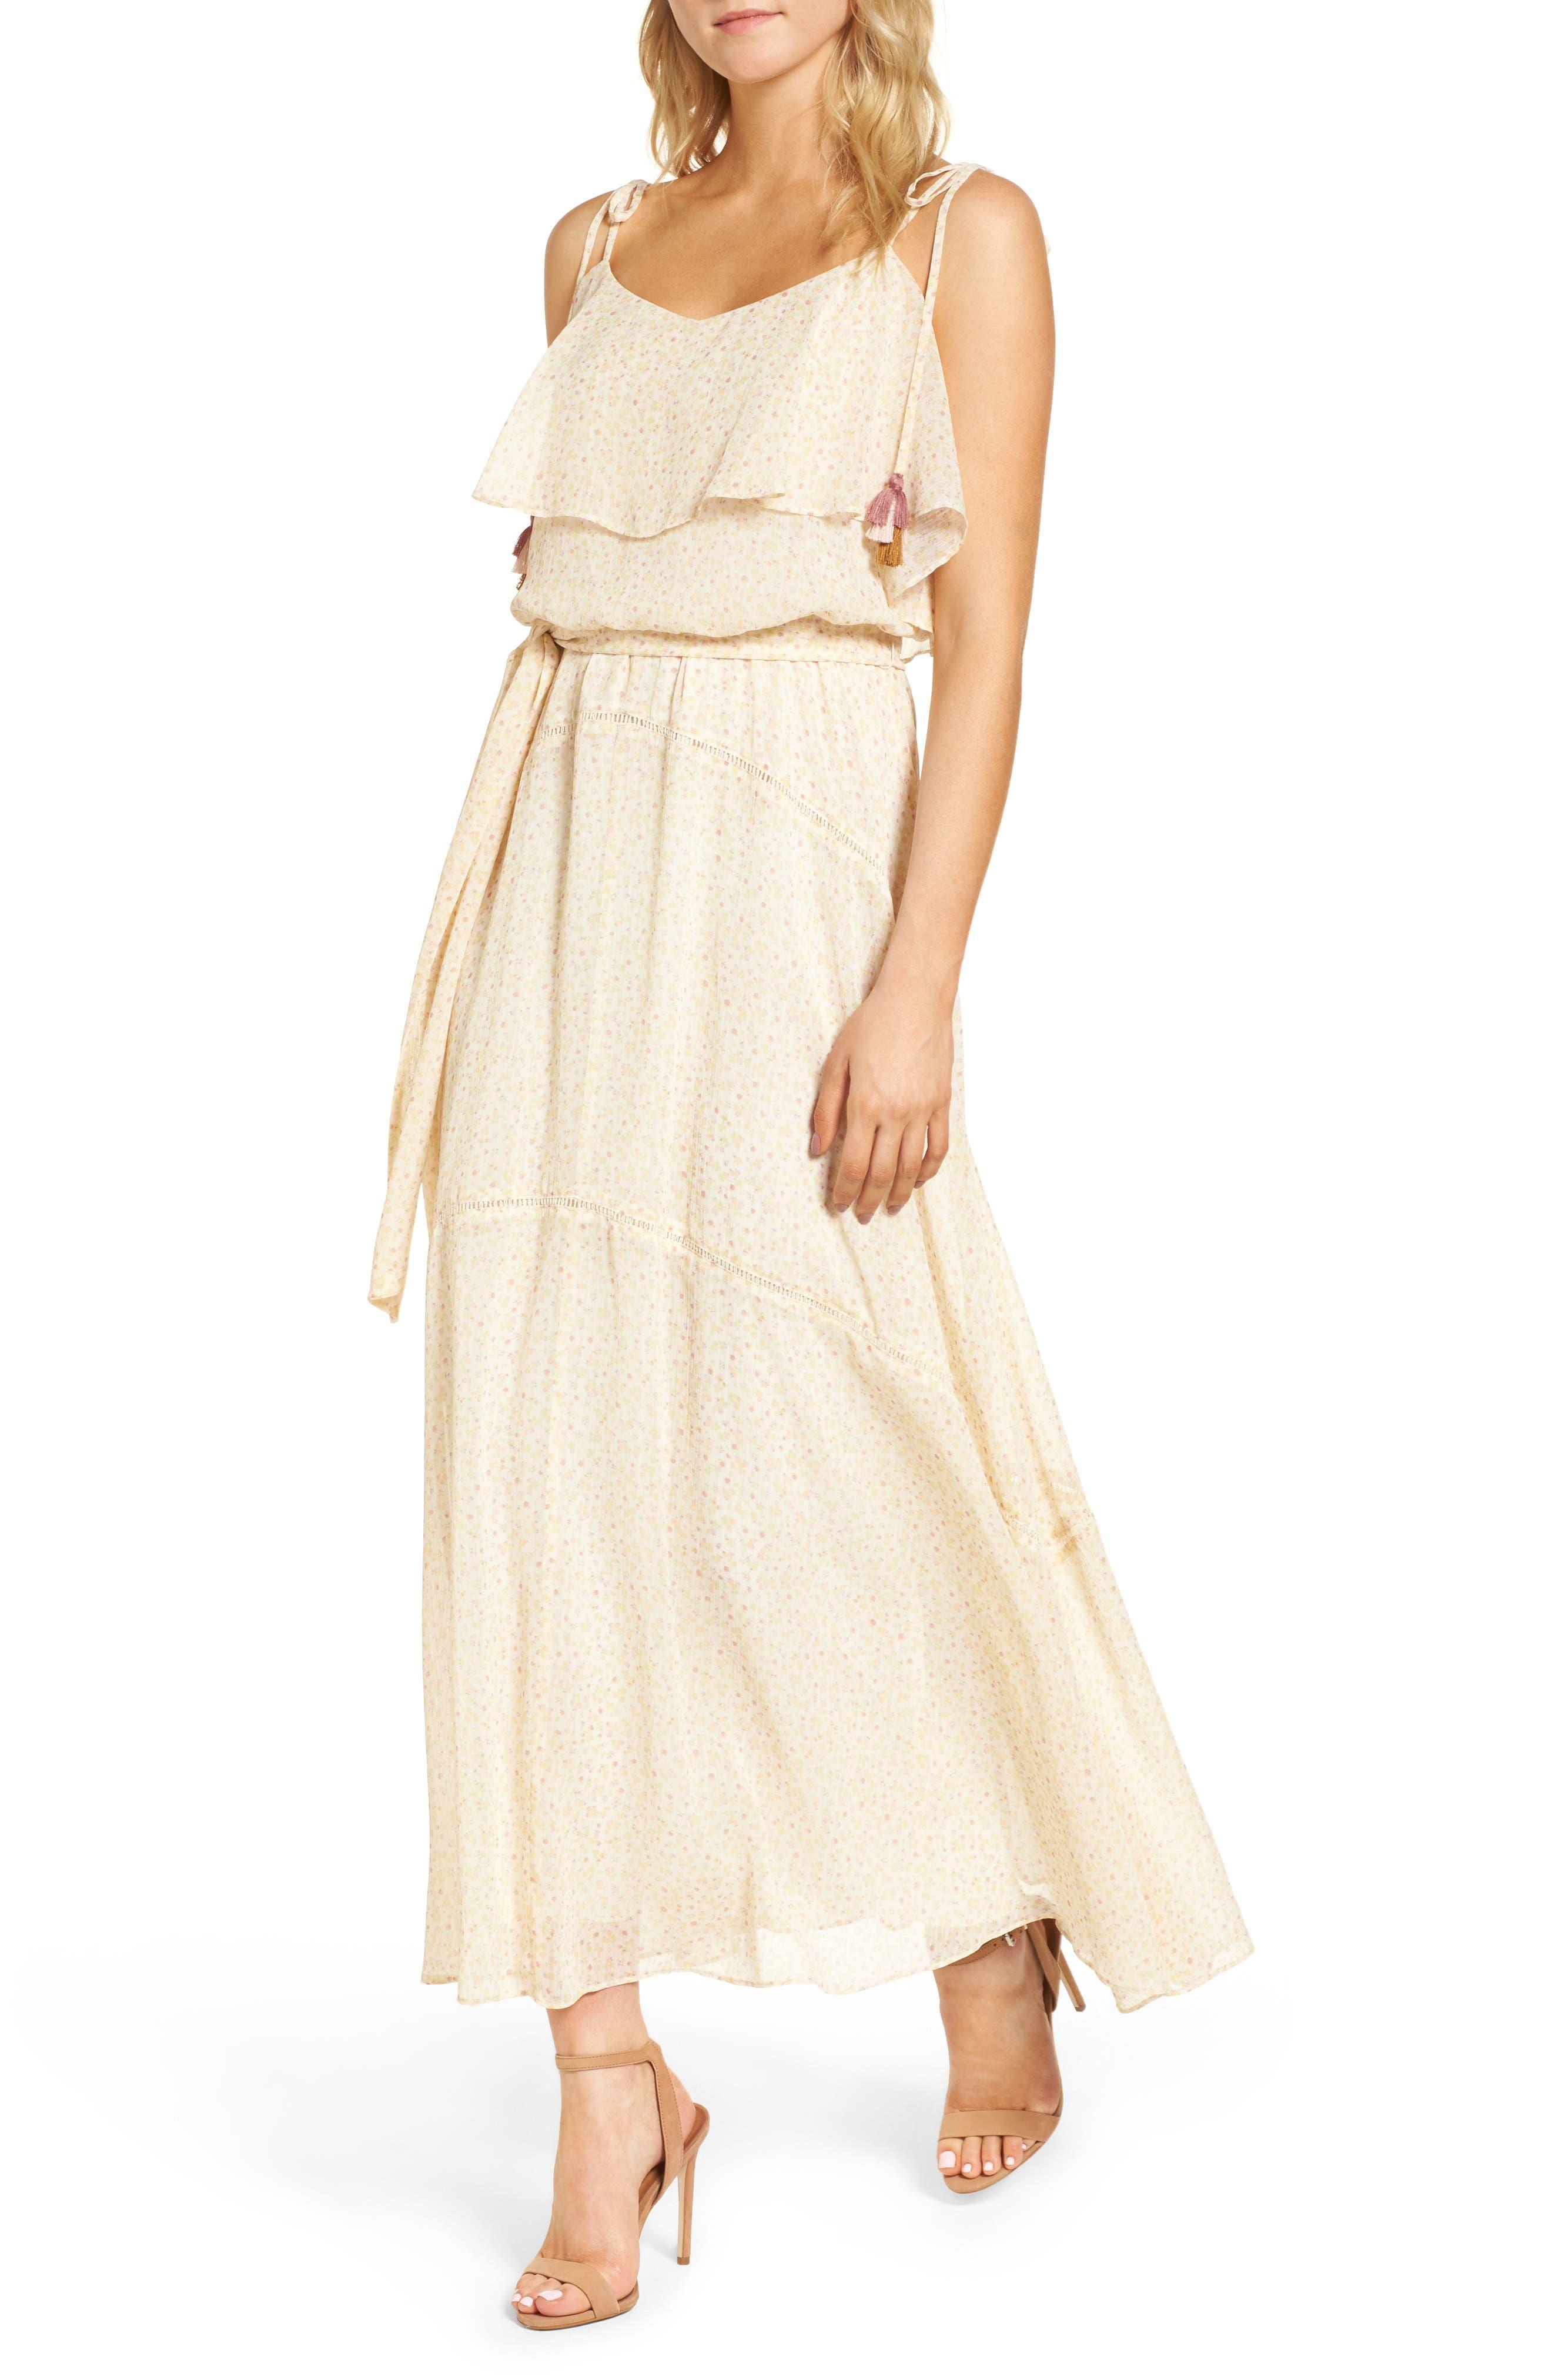 Decklan Maxi Dress,                         Main,                         color, 900